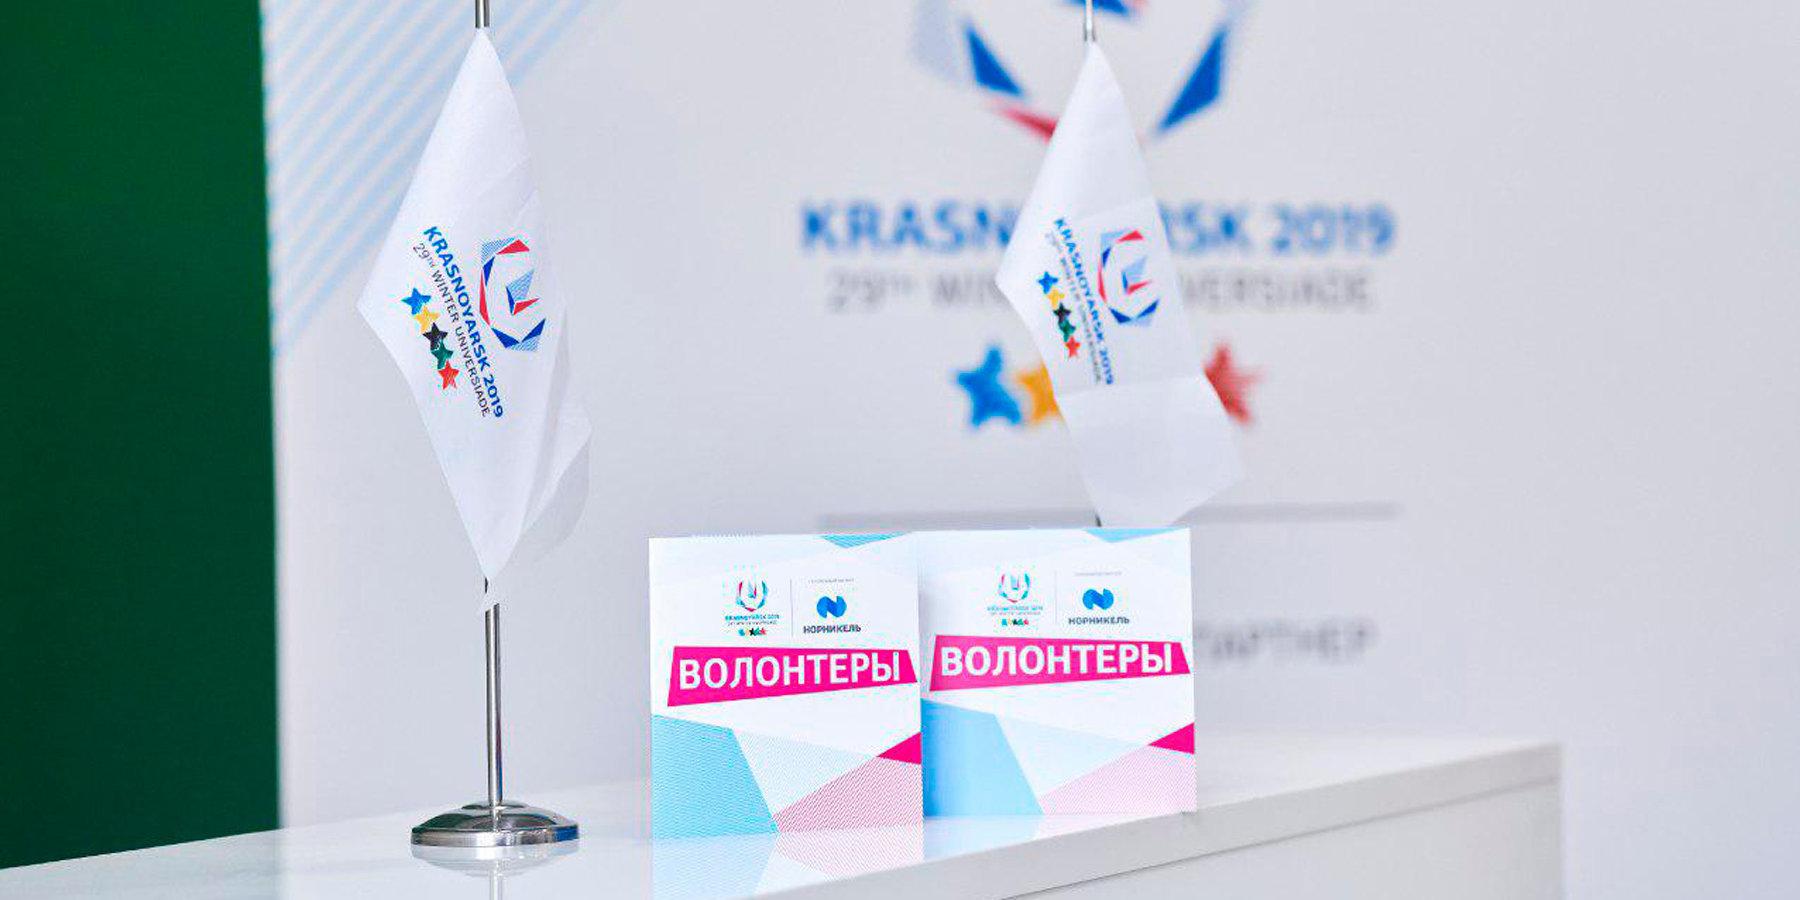 НАБОР ВОЛОНТЕРОВ НА ЗИМНЮЮ УНИВЕРСИАДУ В КРАСНОЯРСКЕ 2019!